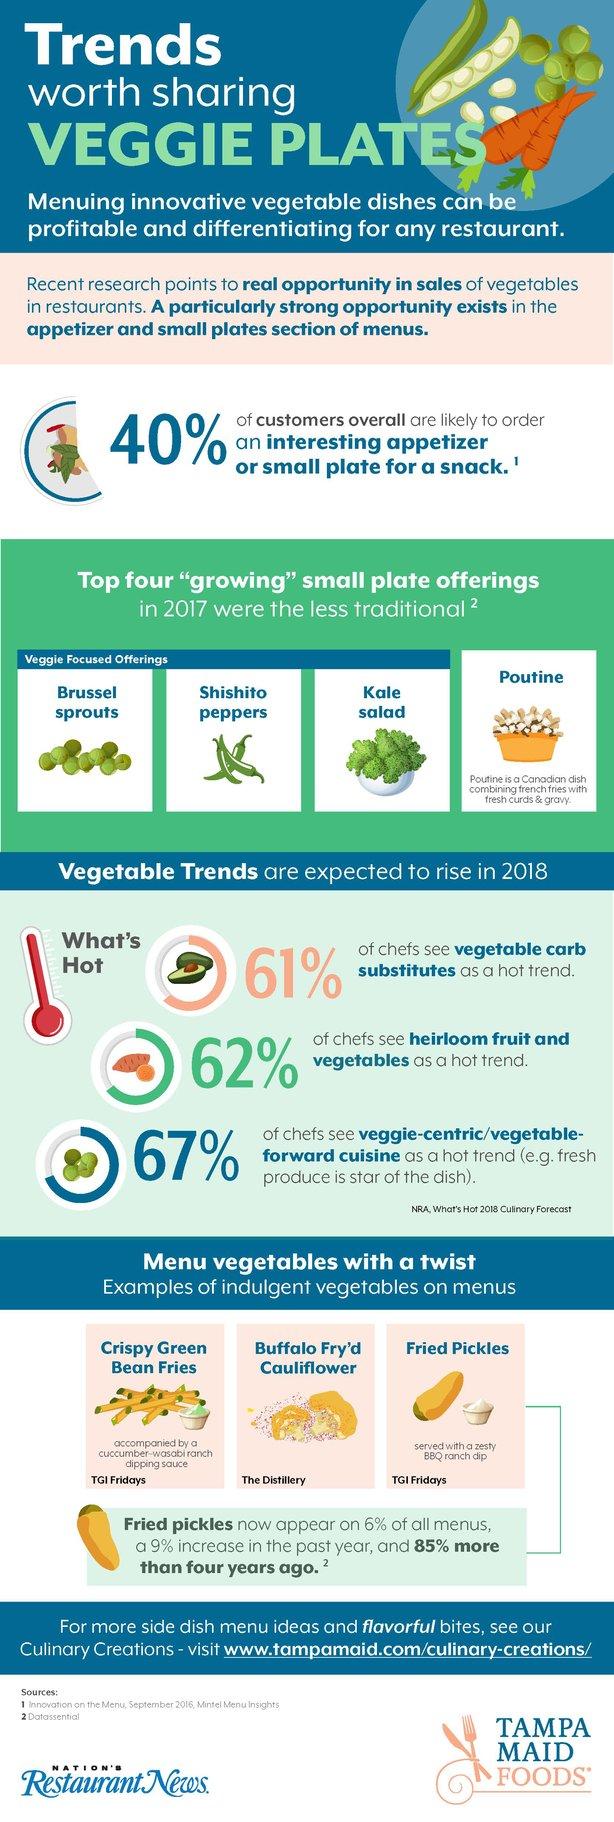 TampaMaid_Veggie_Infographic_v6.jpg